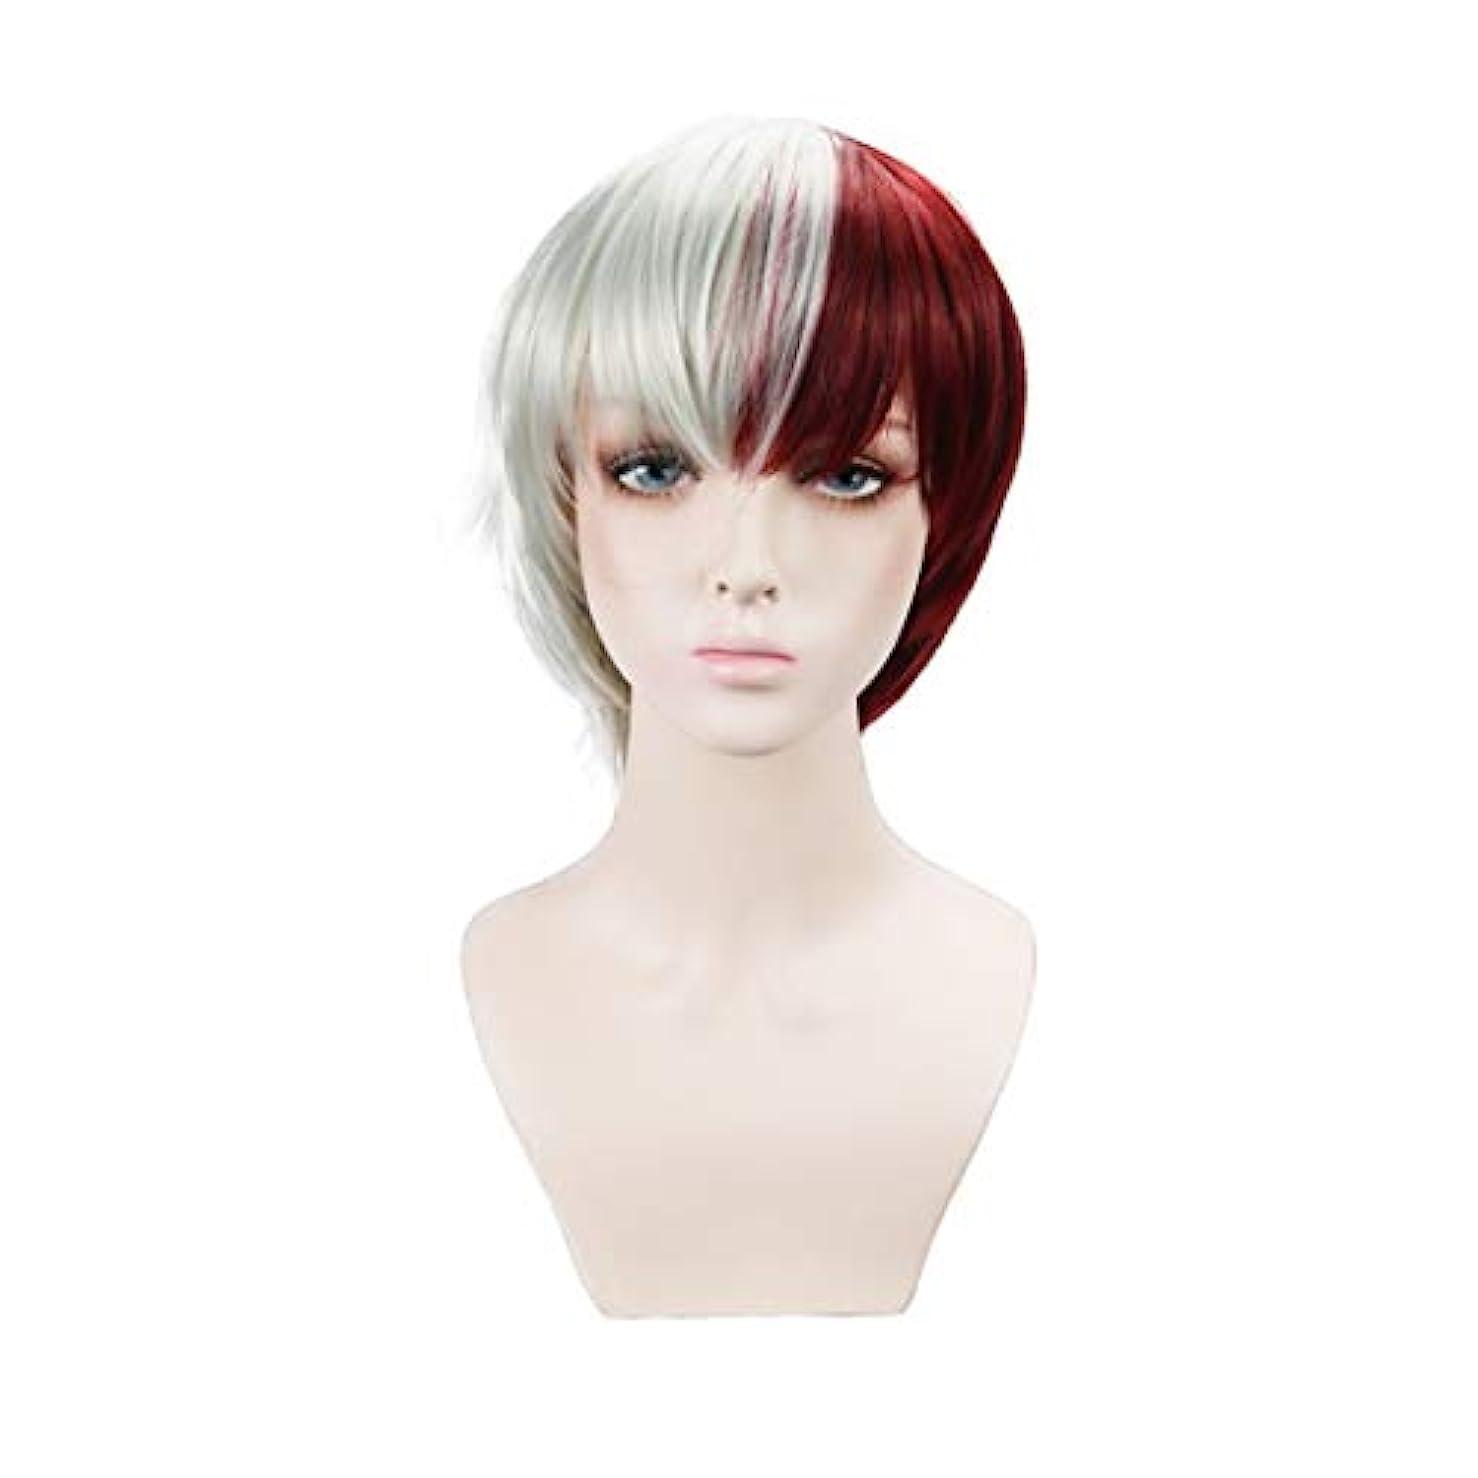 斧数共和国Koloeplf 赤と白の合成ウィッグコスプレウィッグナチュラルルッキング耐熱ウィッグ (Color : Multi-colored)